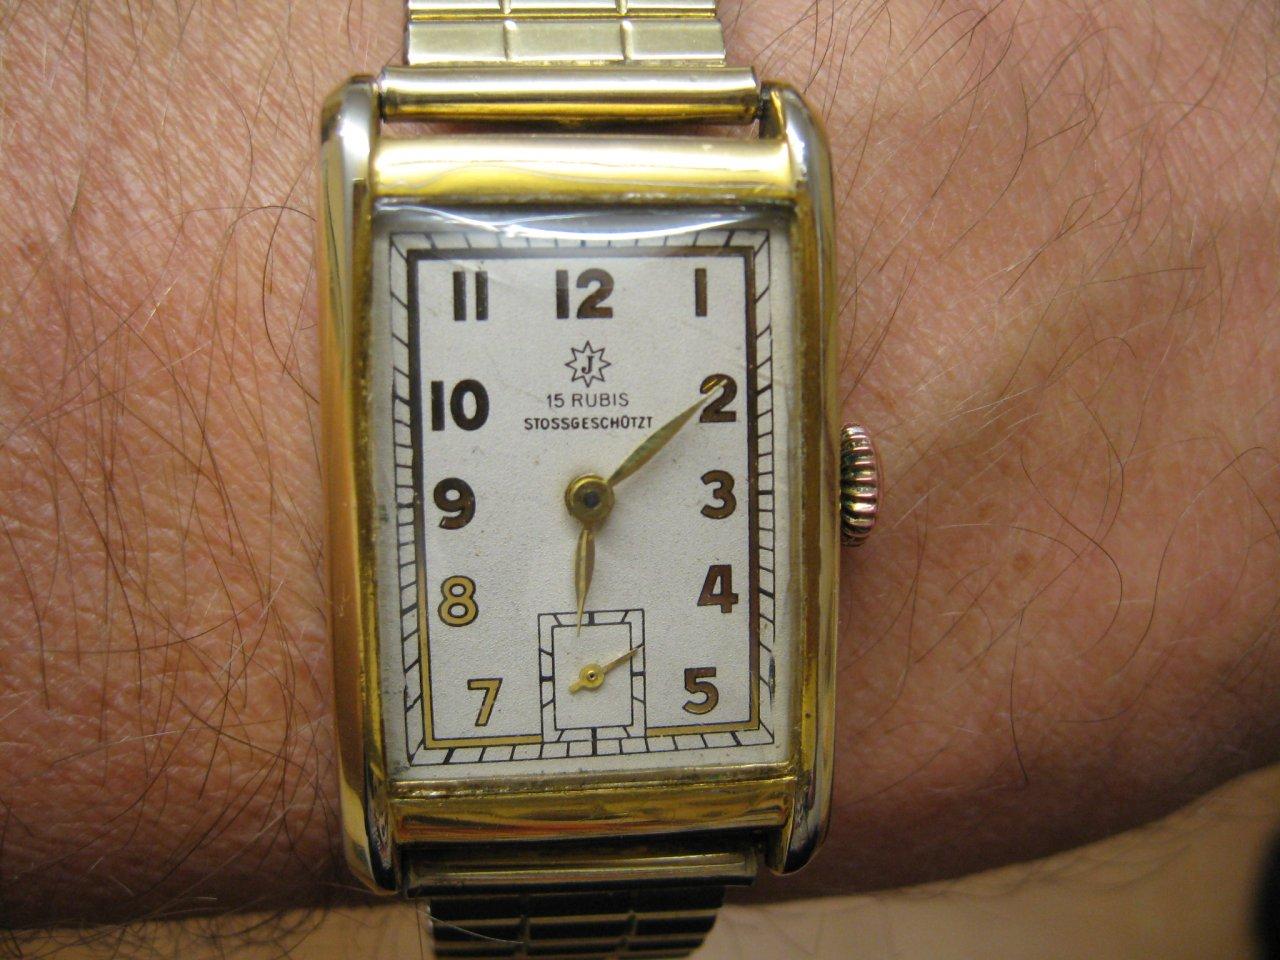 Rubis 15 Uhrenbestimmung Rechteckige Junghans Stossgeschützt PXOkiZu